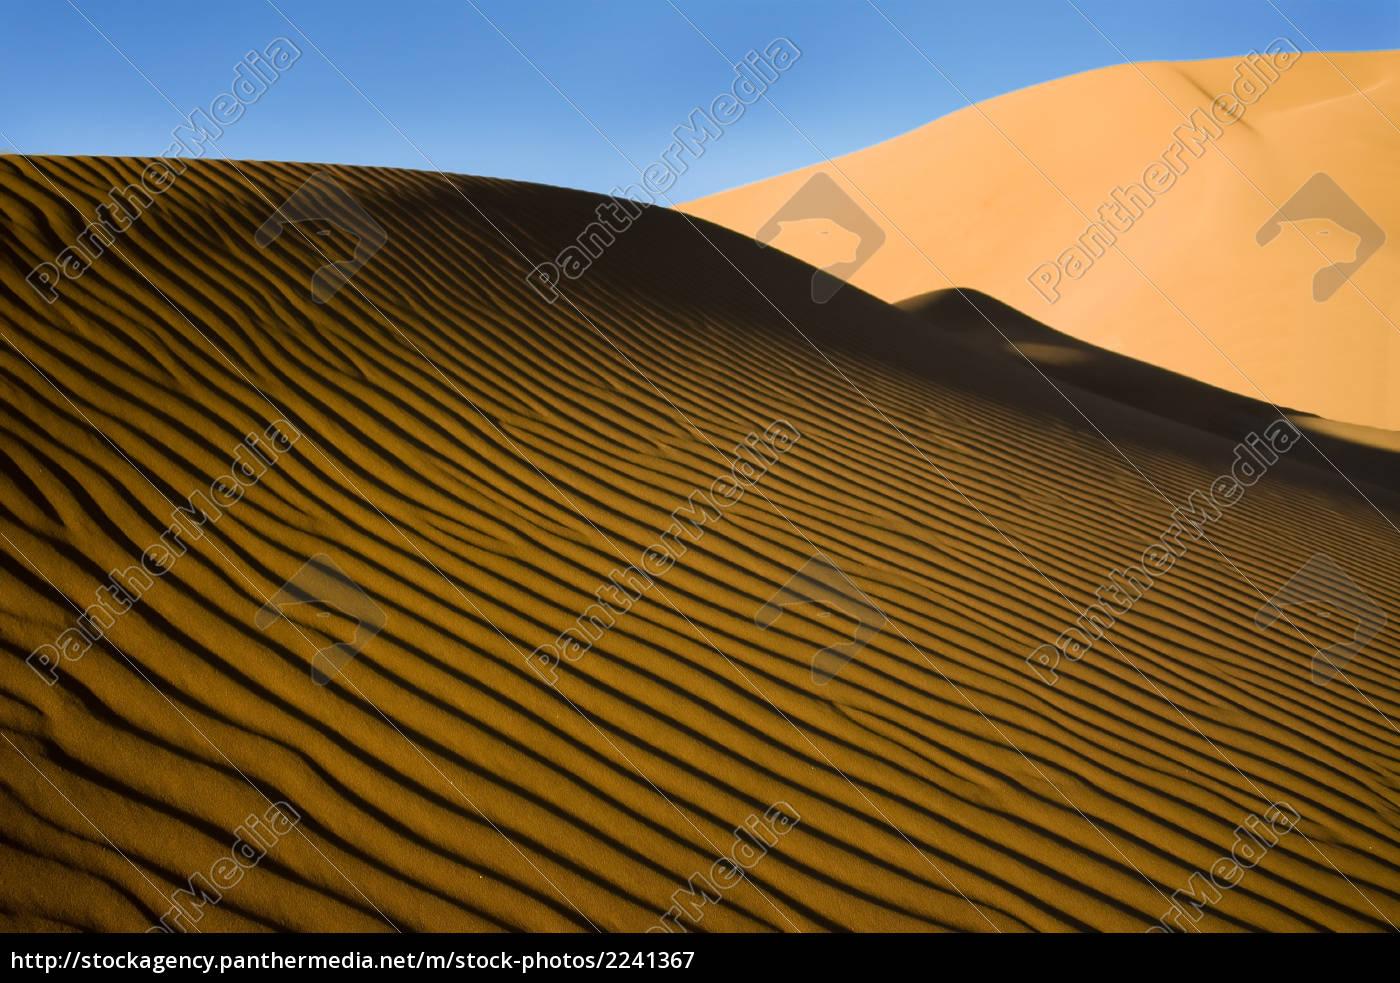 duna, de, arena - 2241367